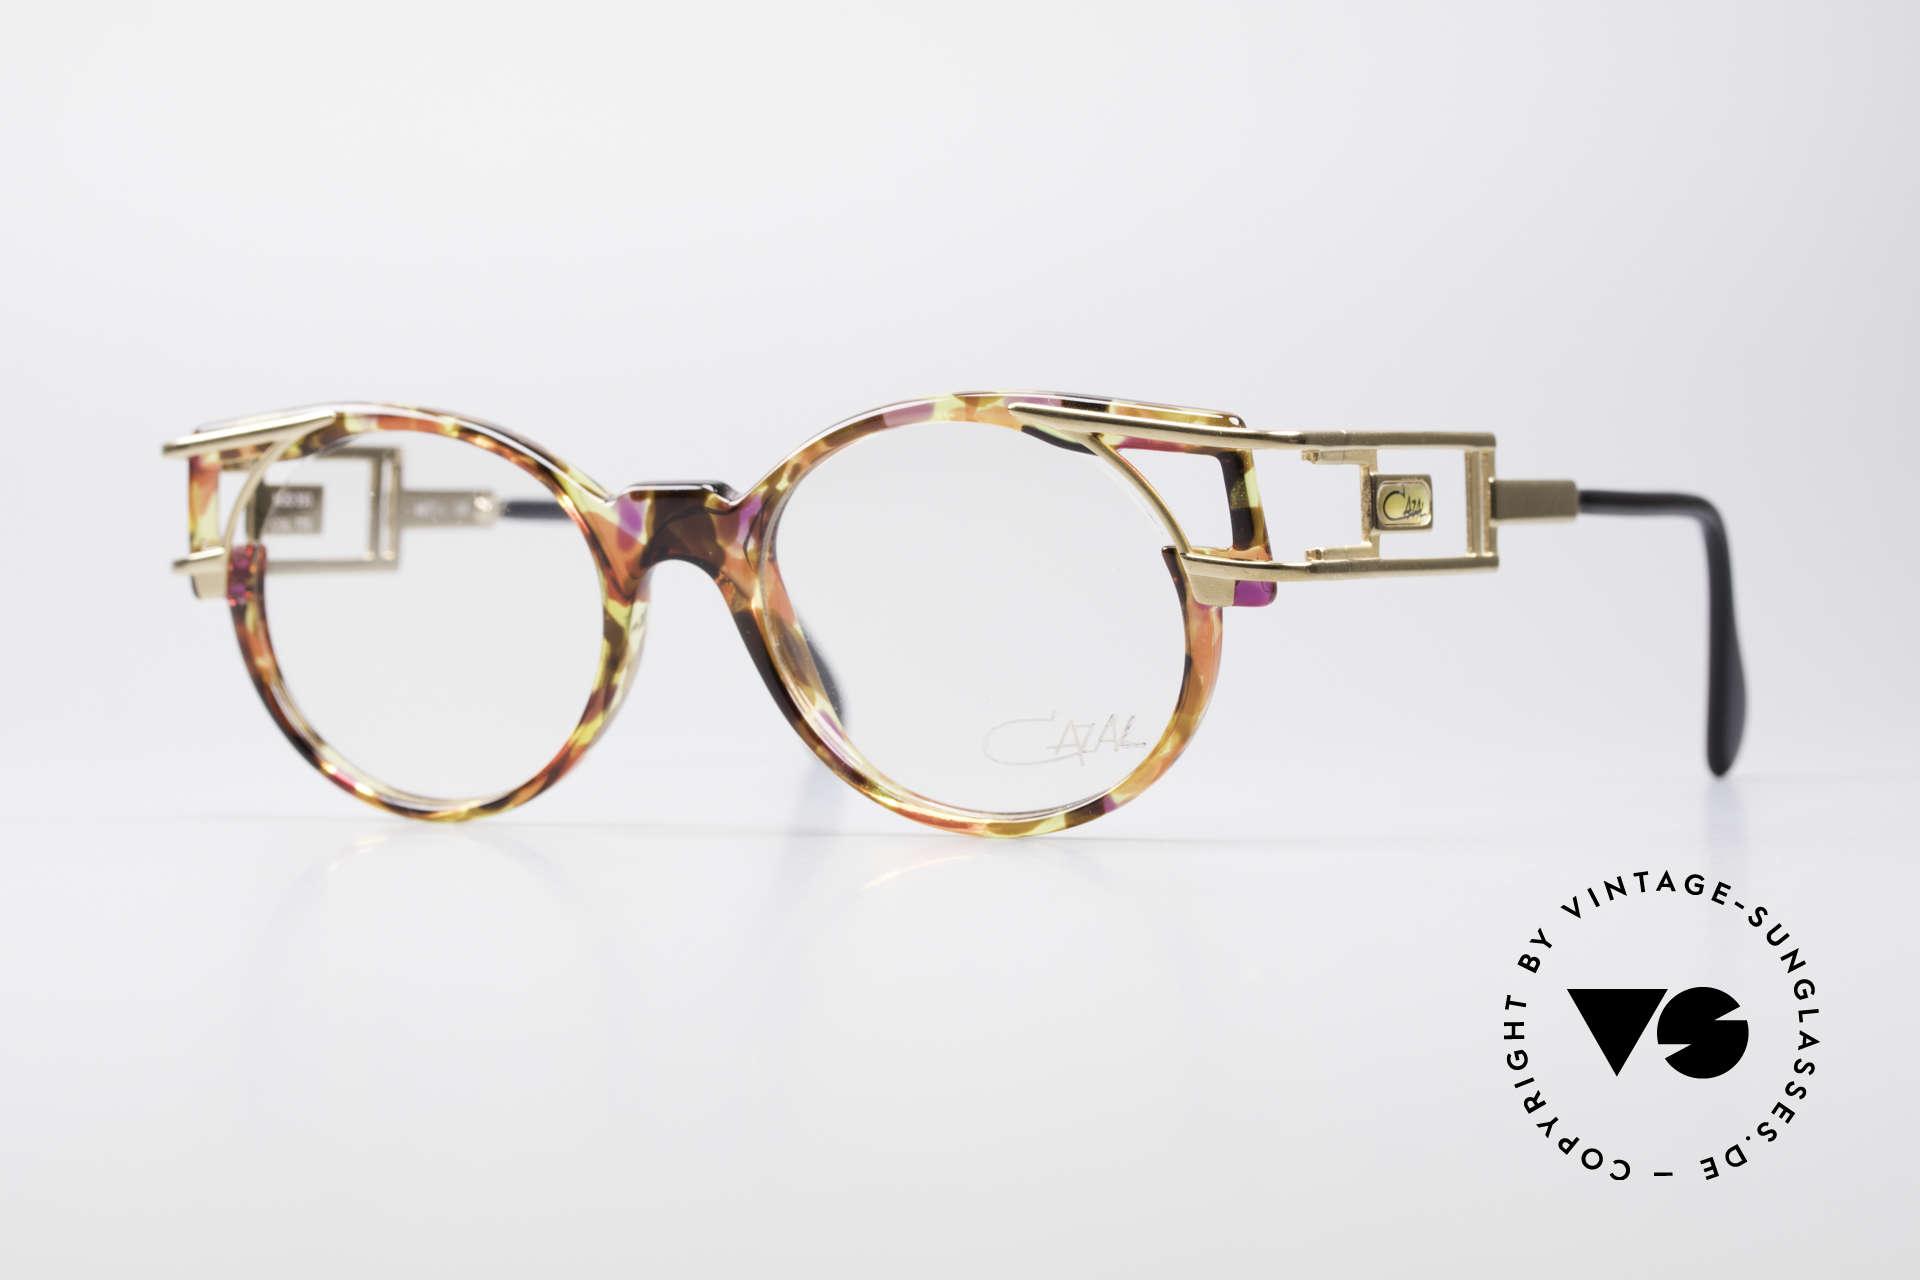 Cazal 353 90er Old School Vintage Brille, alte vintage Cazal Designerbrille aus dem Jahre 1991, Passend für Herren und Damen